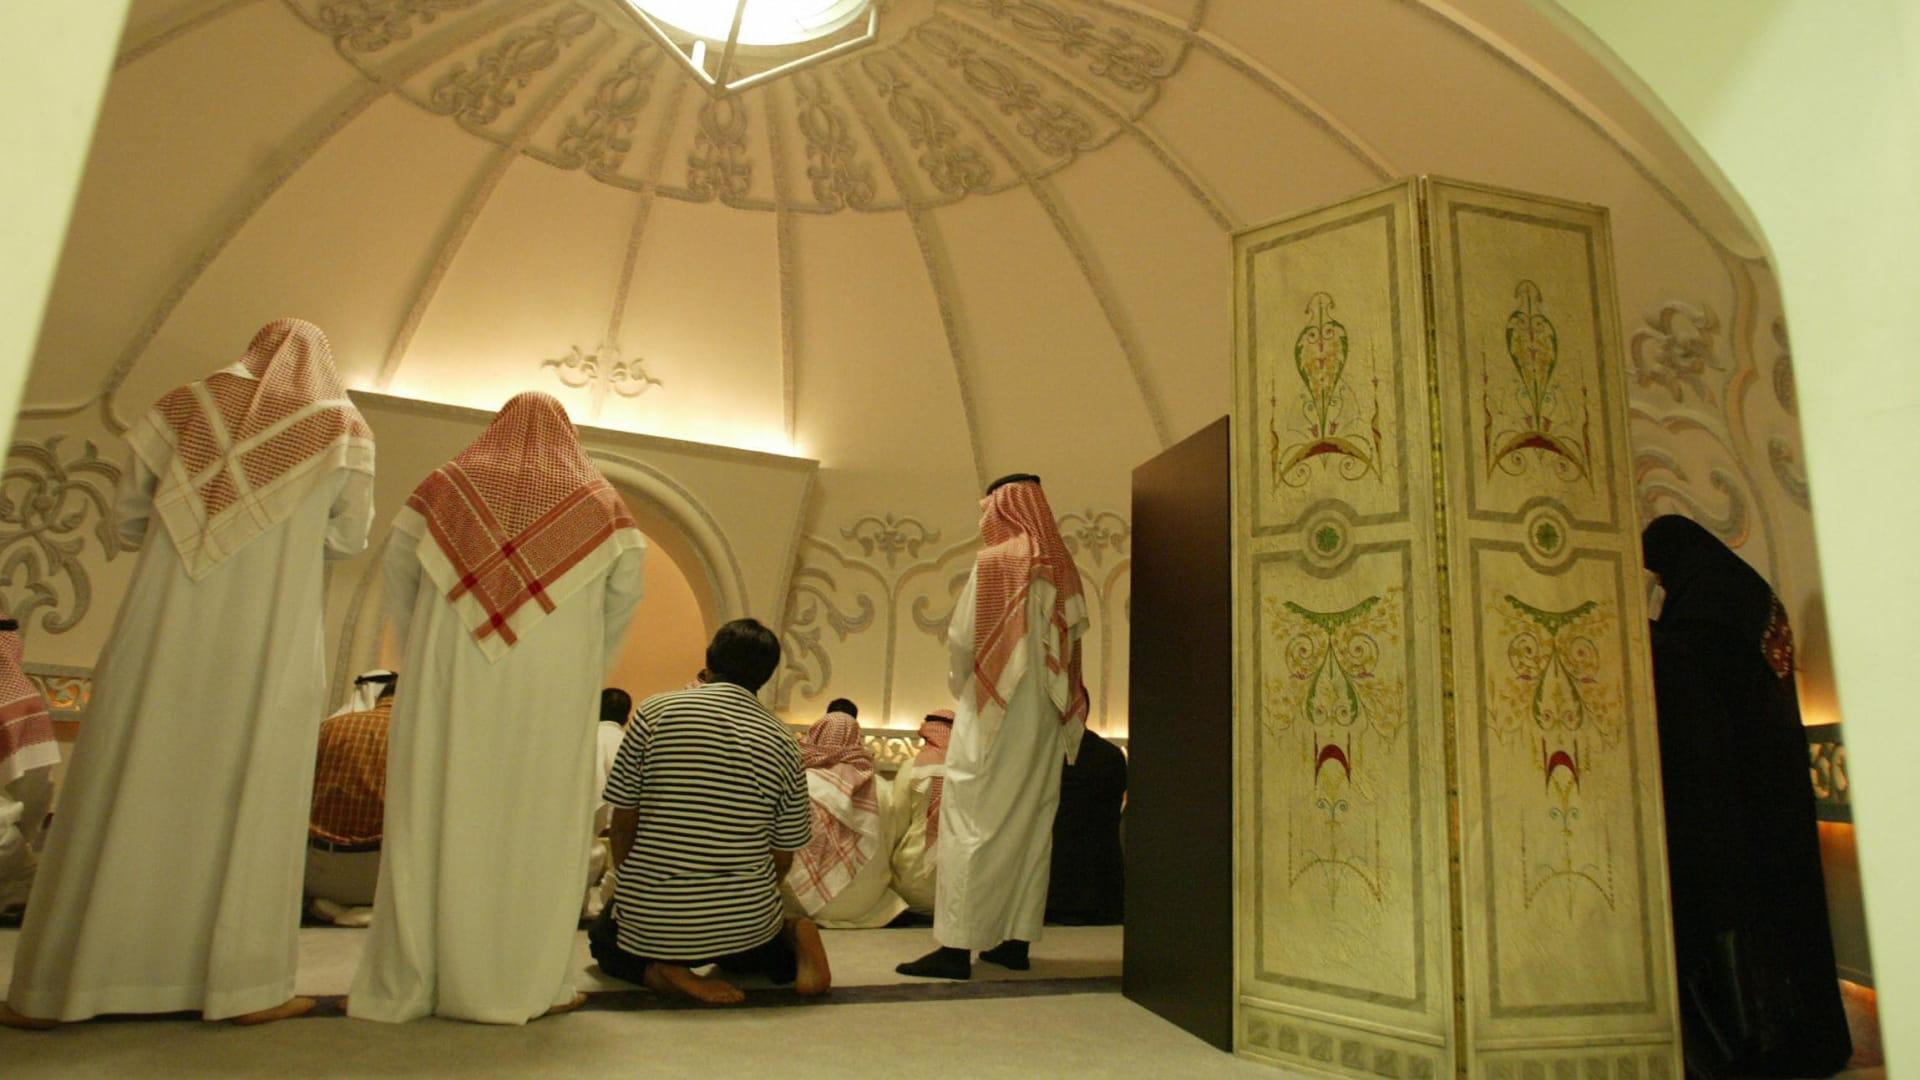 """بعد سؤال عن """"المساجد والسجون"""".. أمير سعودي يرد على حاكم المطيري: العاقل يدرك أنها إجراءات منع تفشي كورونا"""